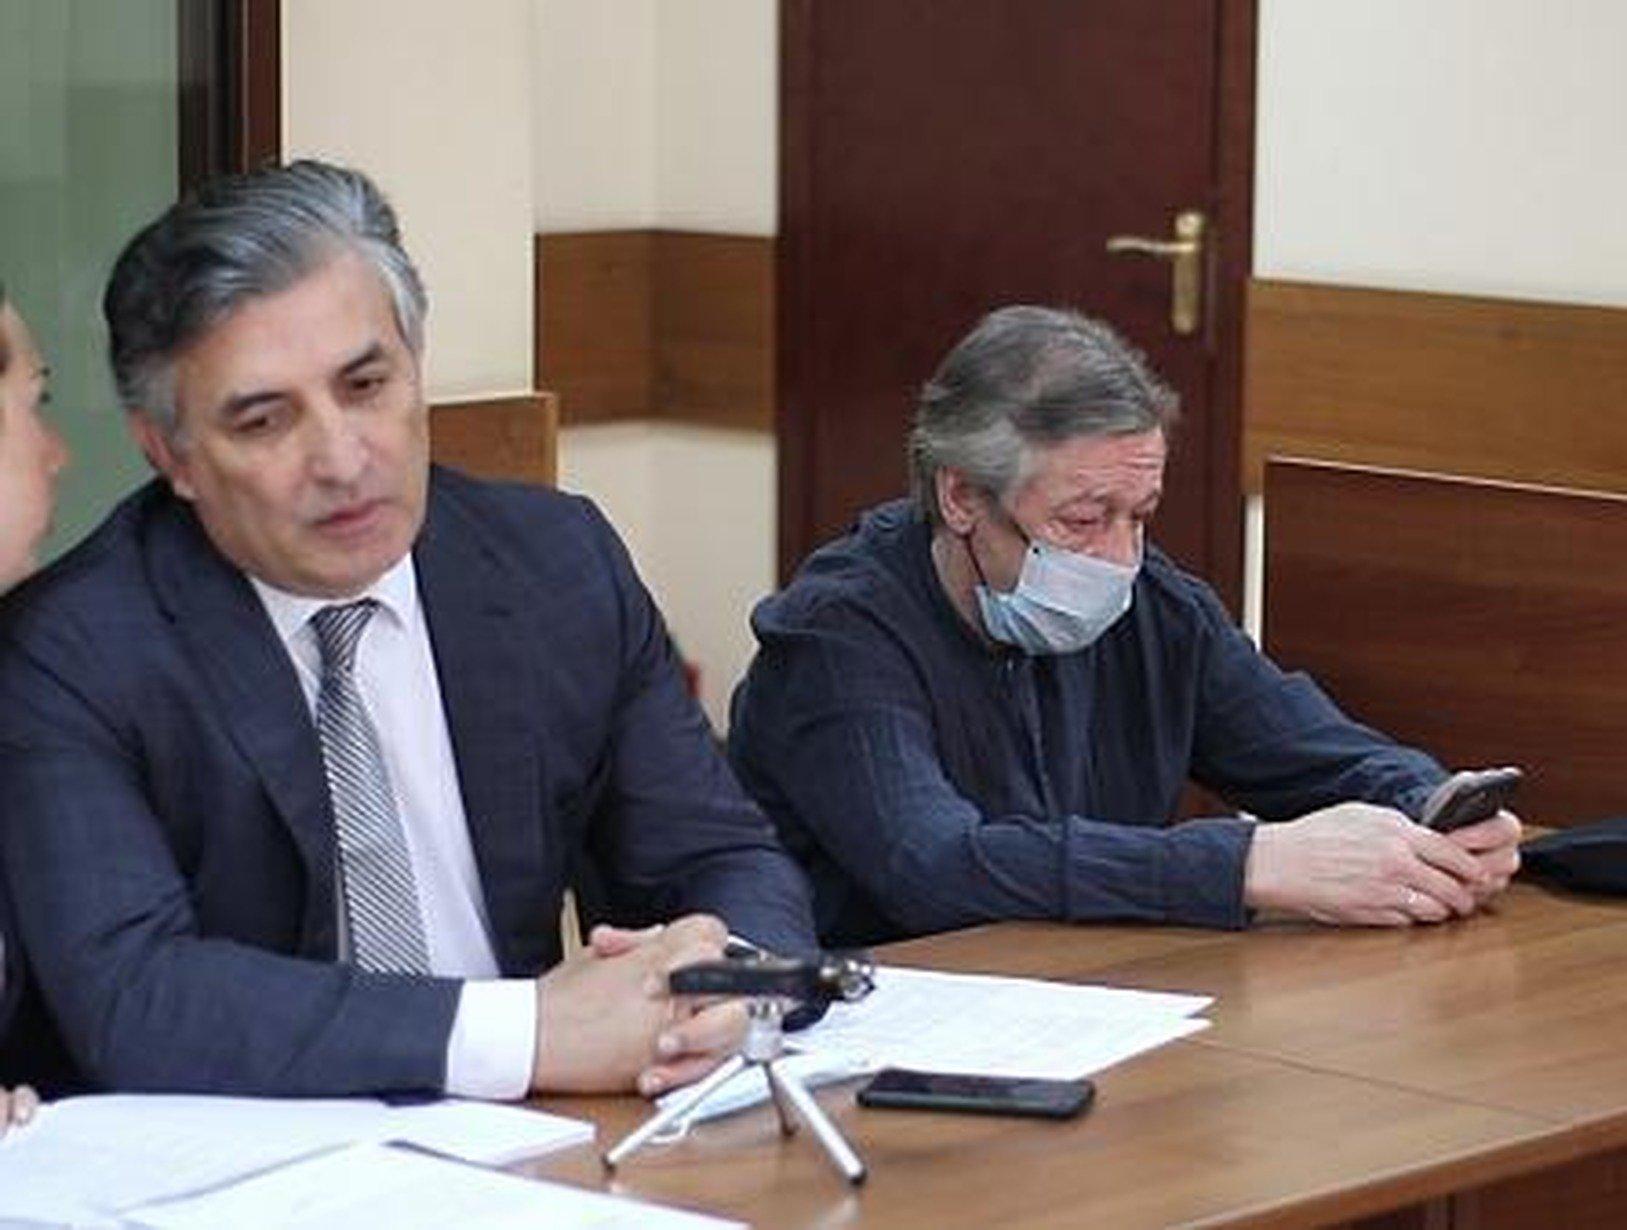 Родня жертвы ДТП с Ефремовым укатили за границу, не дождавшись приговора